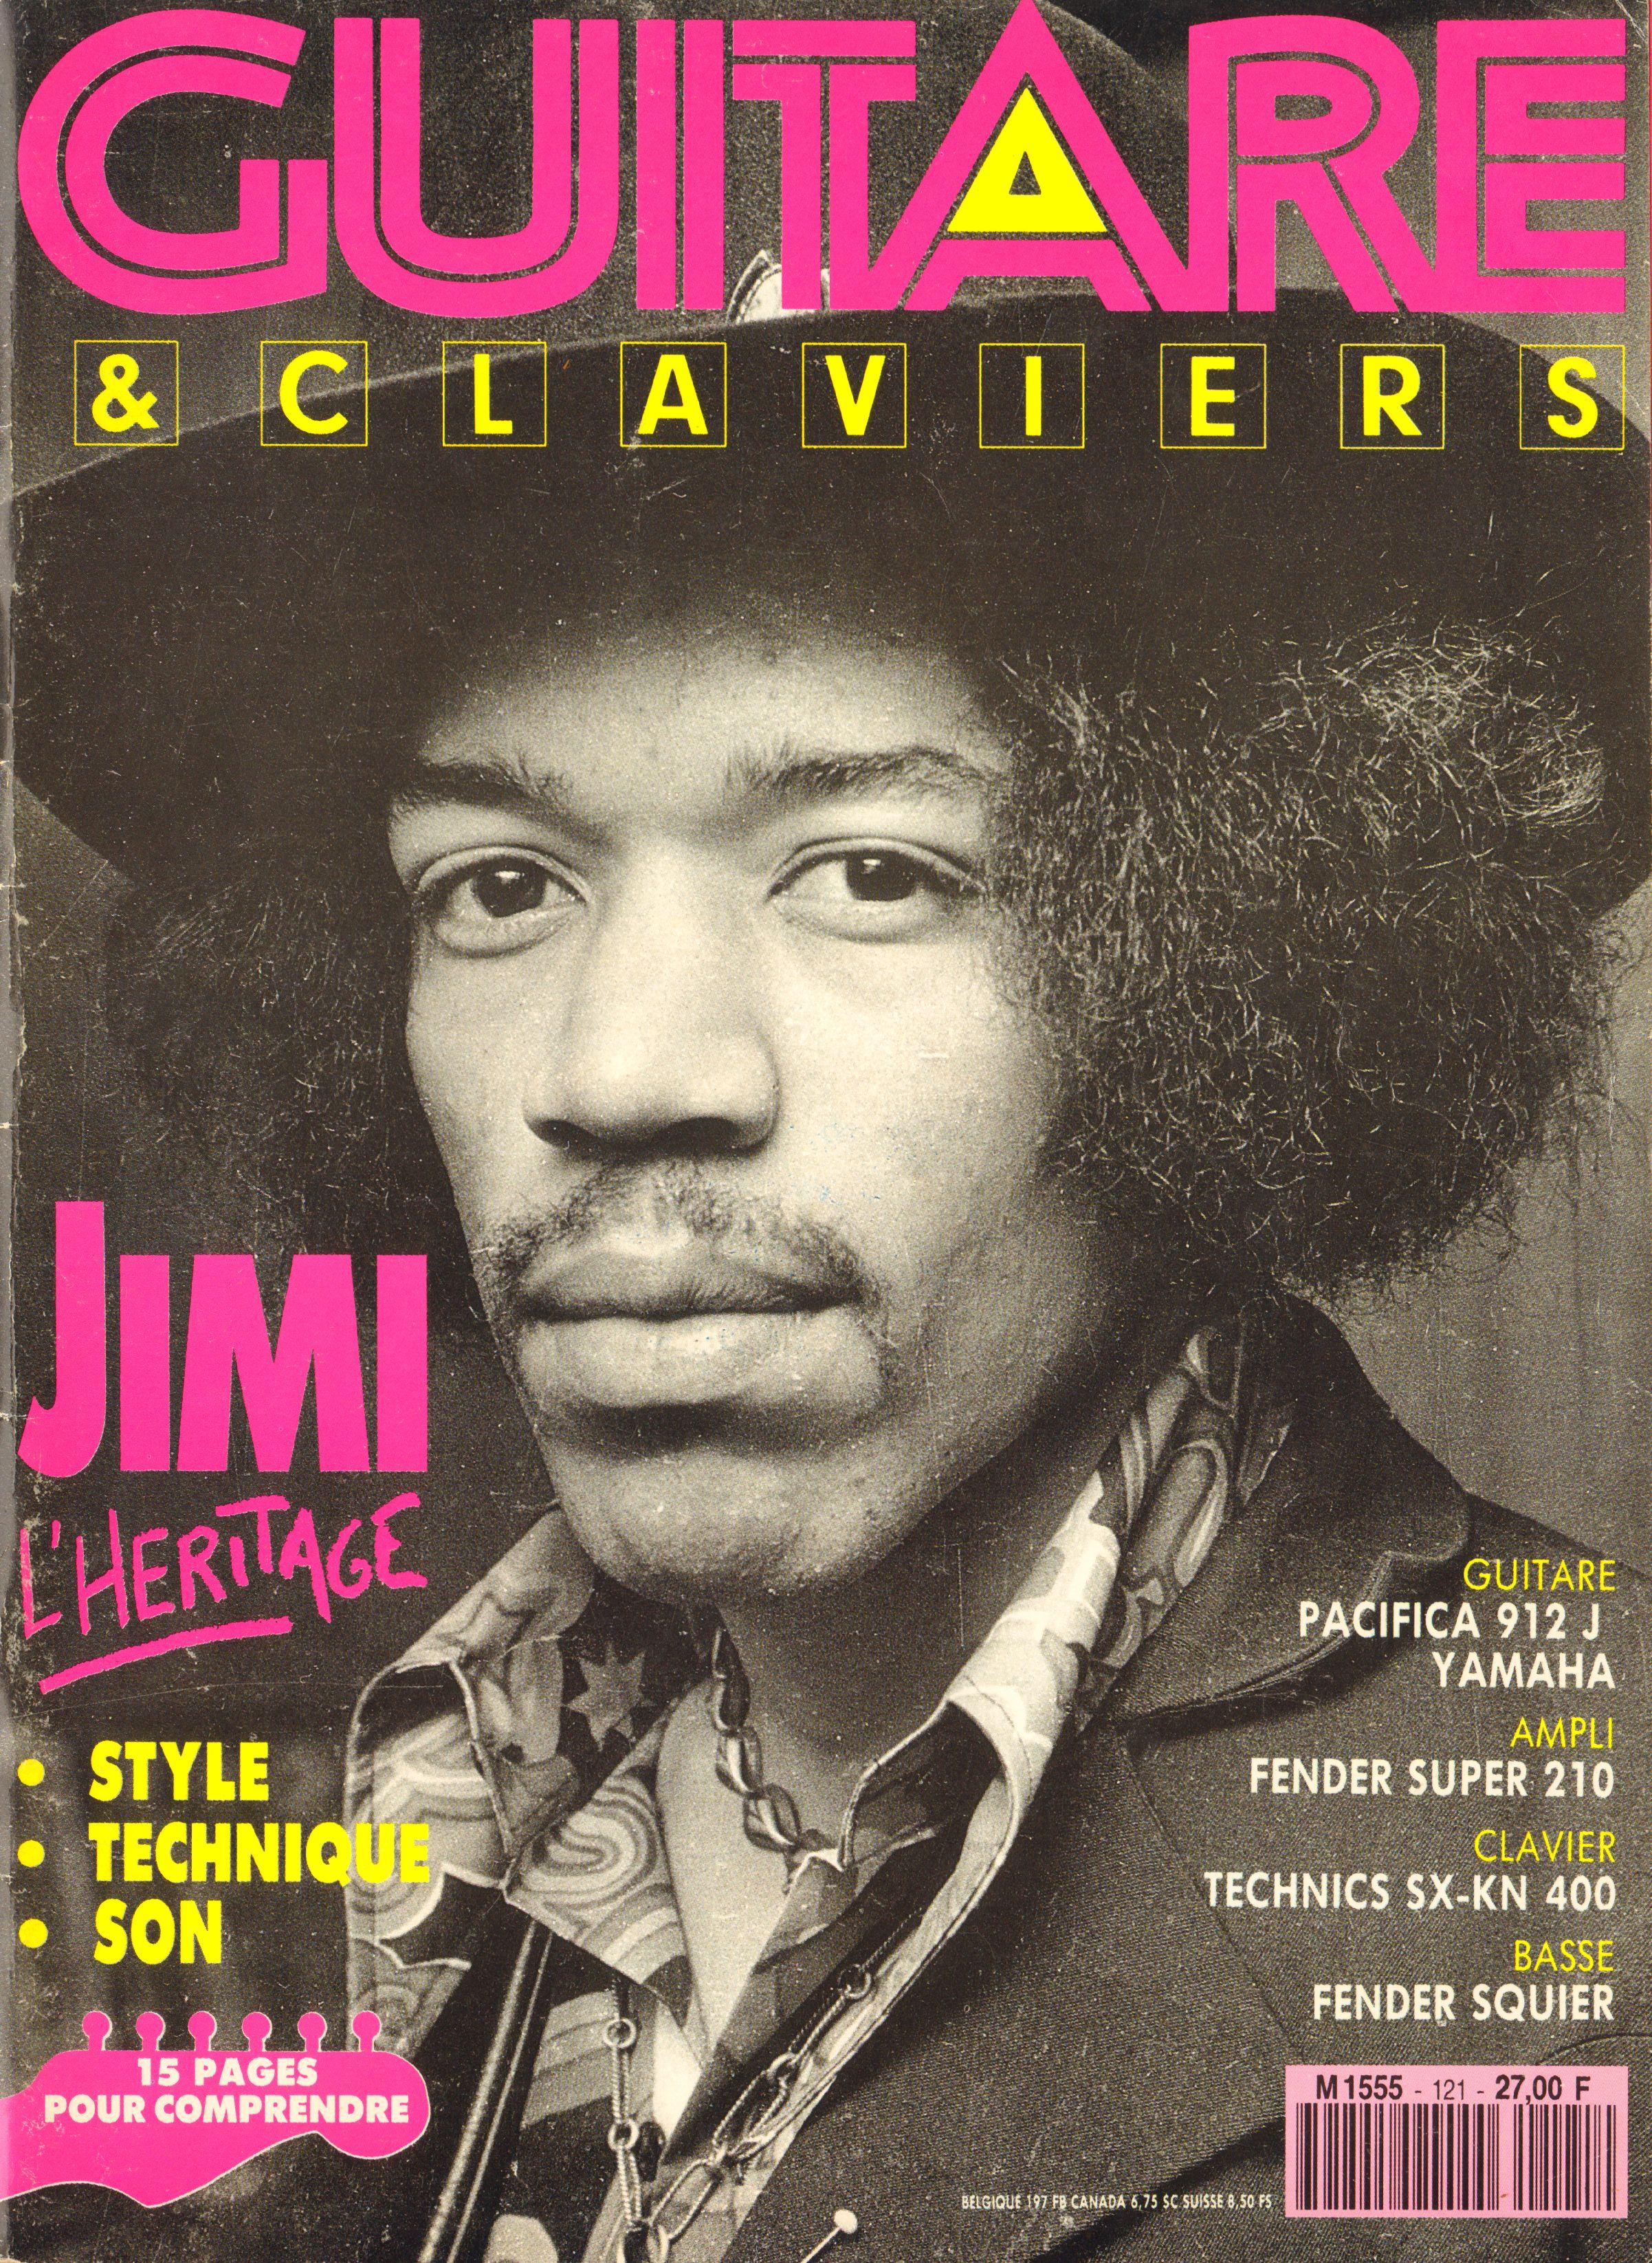 Magazines Français 1989 - 2014 GuitareClaviersJuilletAout1991Couverture